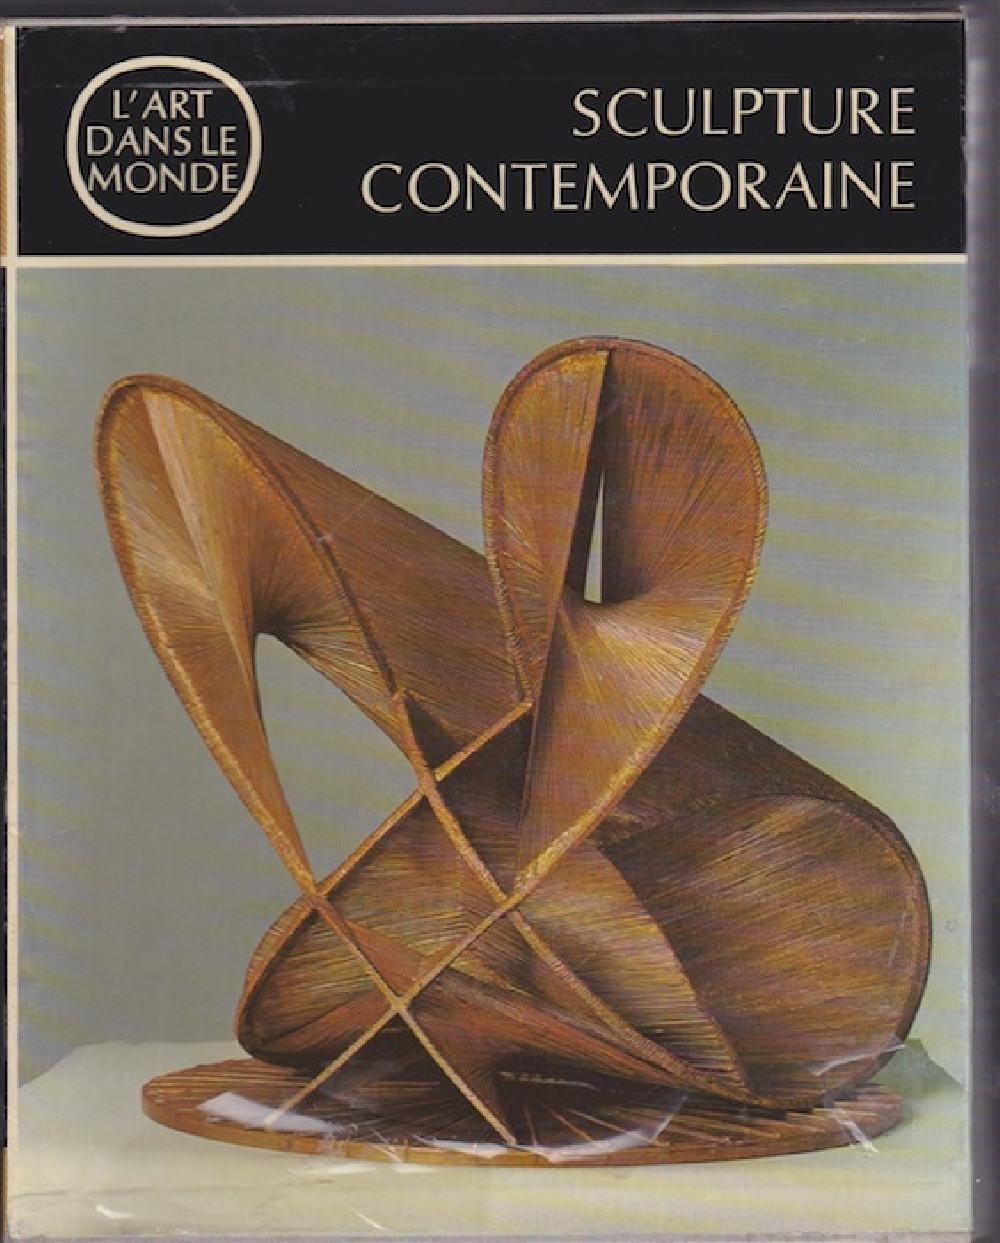 Sculpture contemporaine, l'art dans le monde